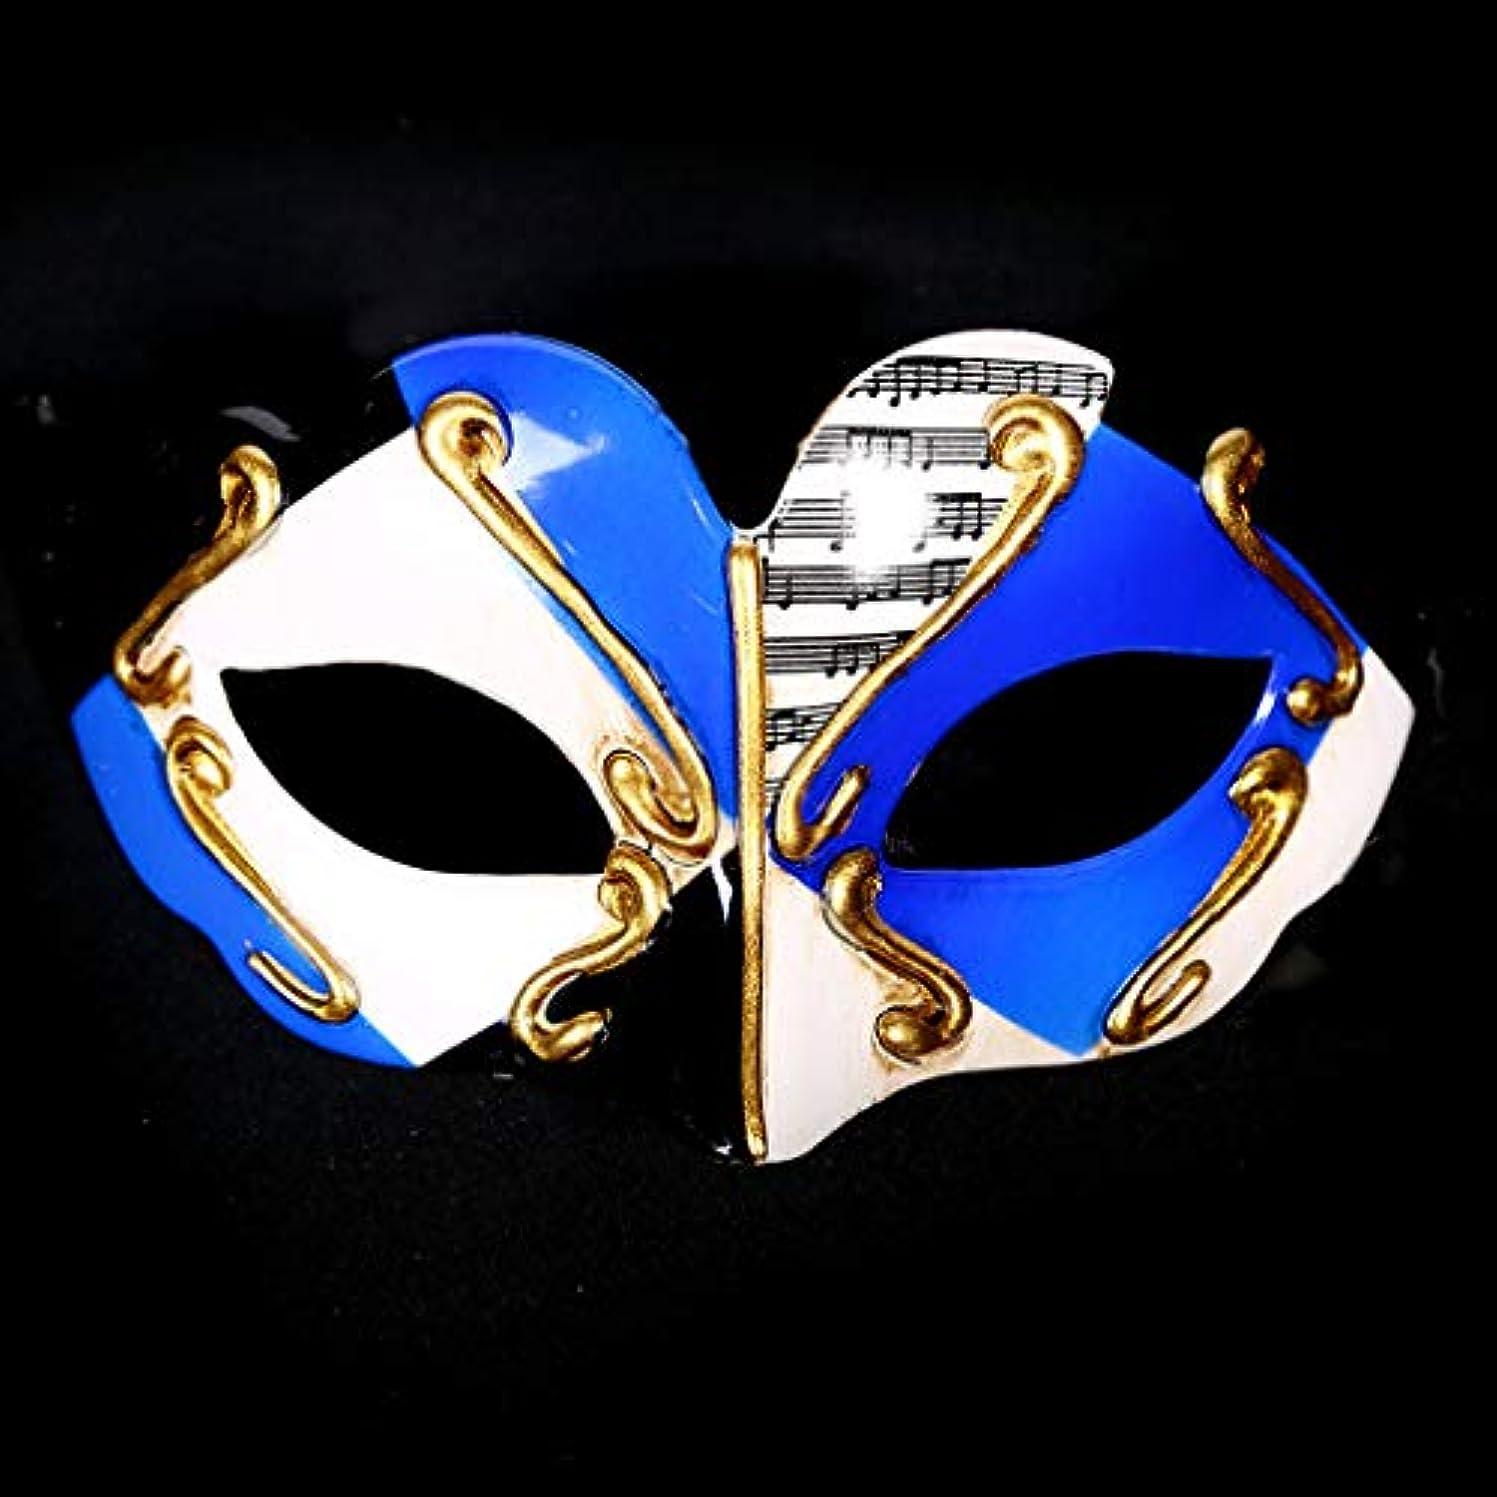 例示するスタンドお肉ハロウィンマスクヴェネツィア仮装ハーフフェイスプラスチック子供アダルトマスクコスチュームプロップ (Color : BLUE)